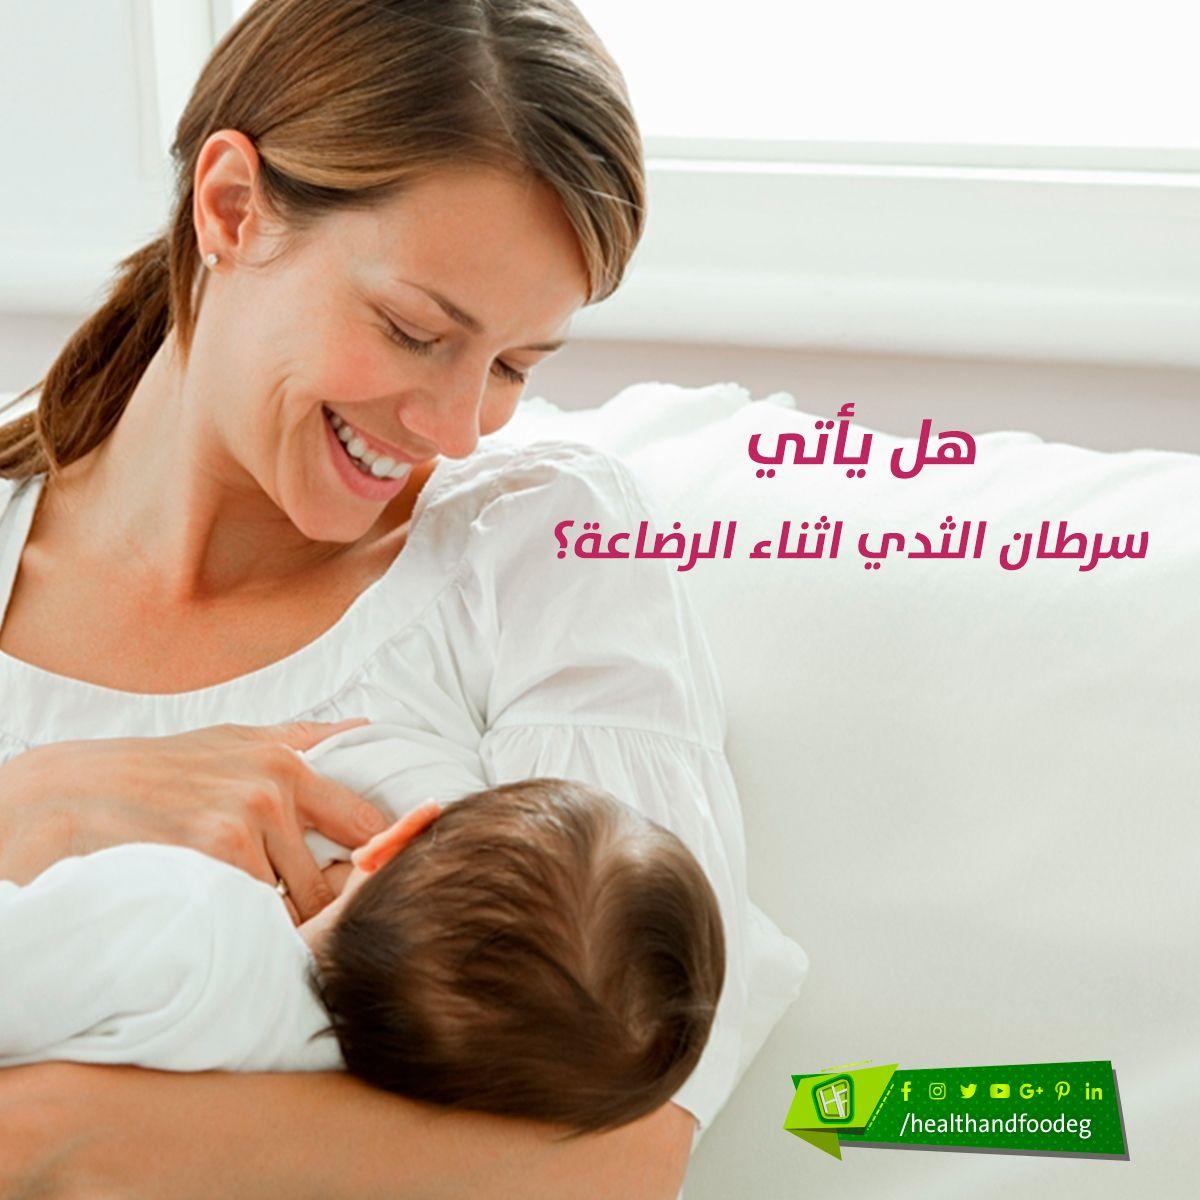 الدكتور احمد ابو النصر Nils